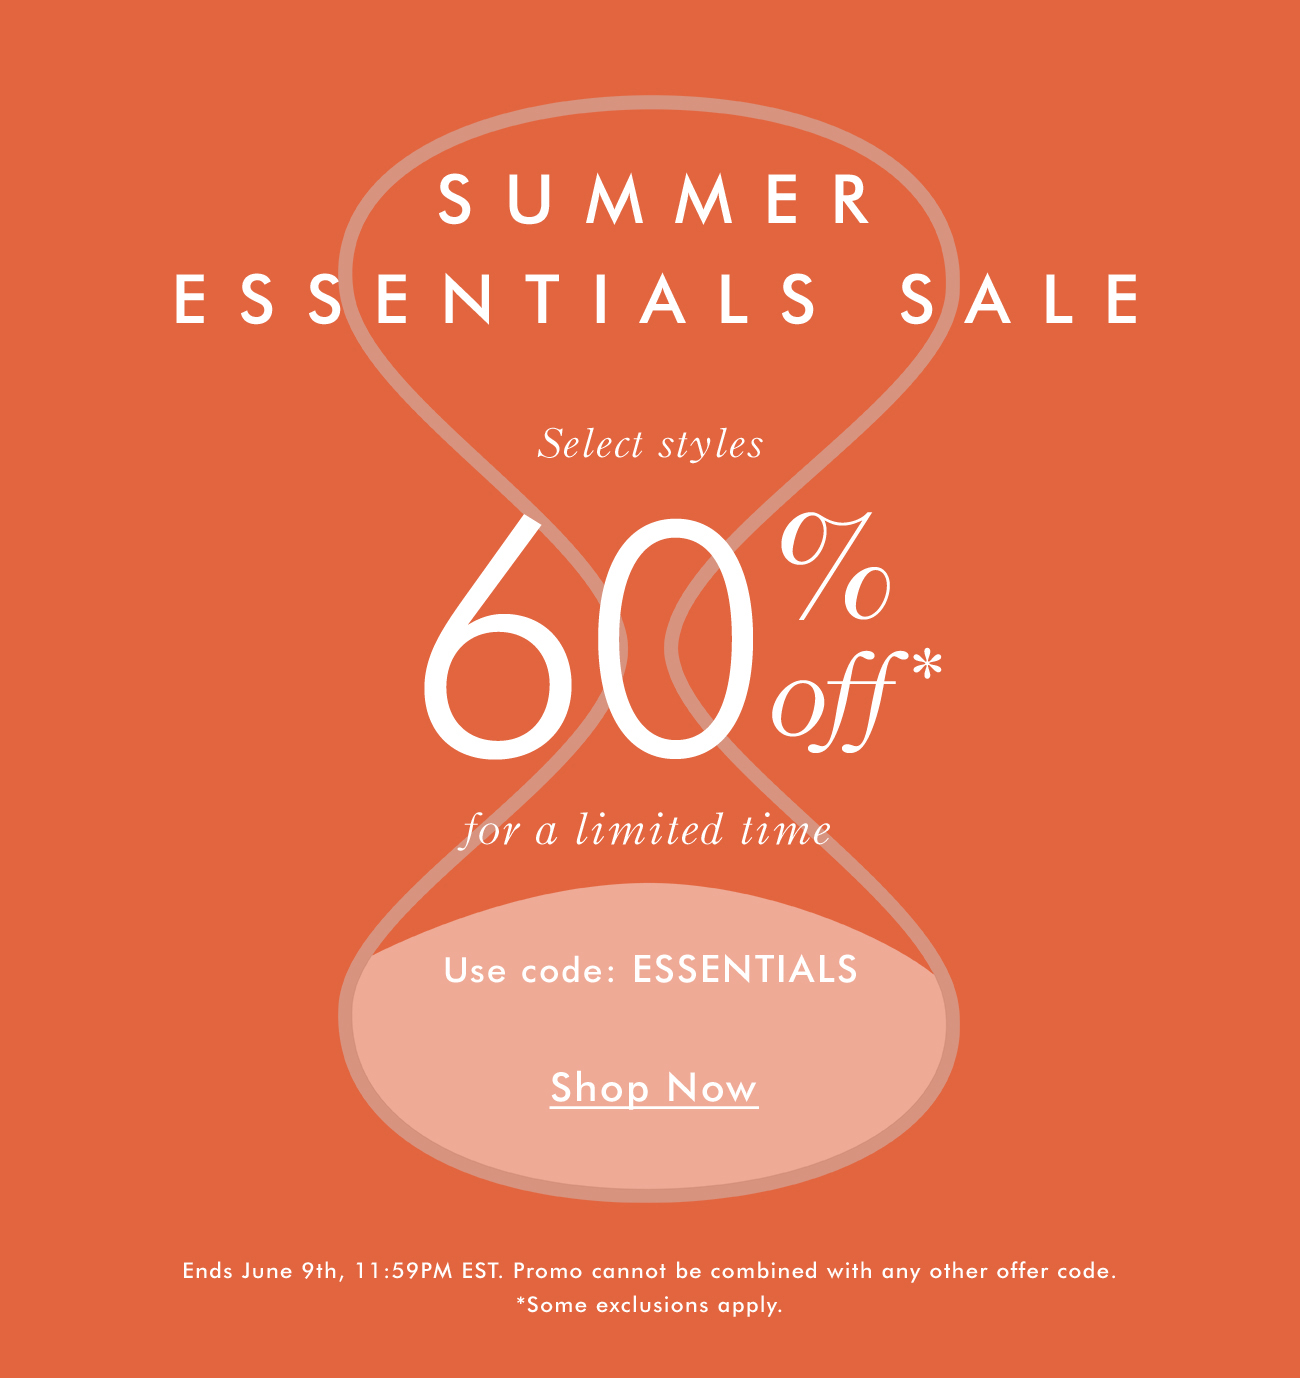 Summer Essentials Sale